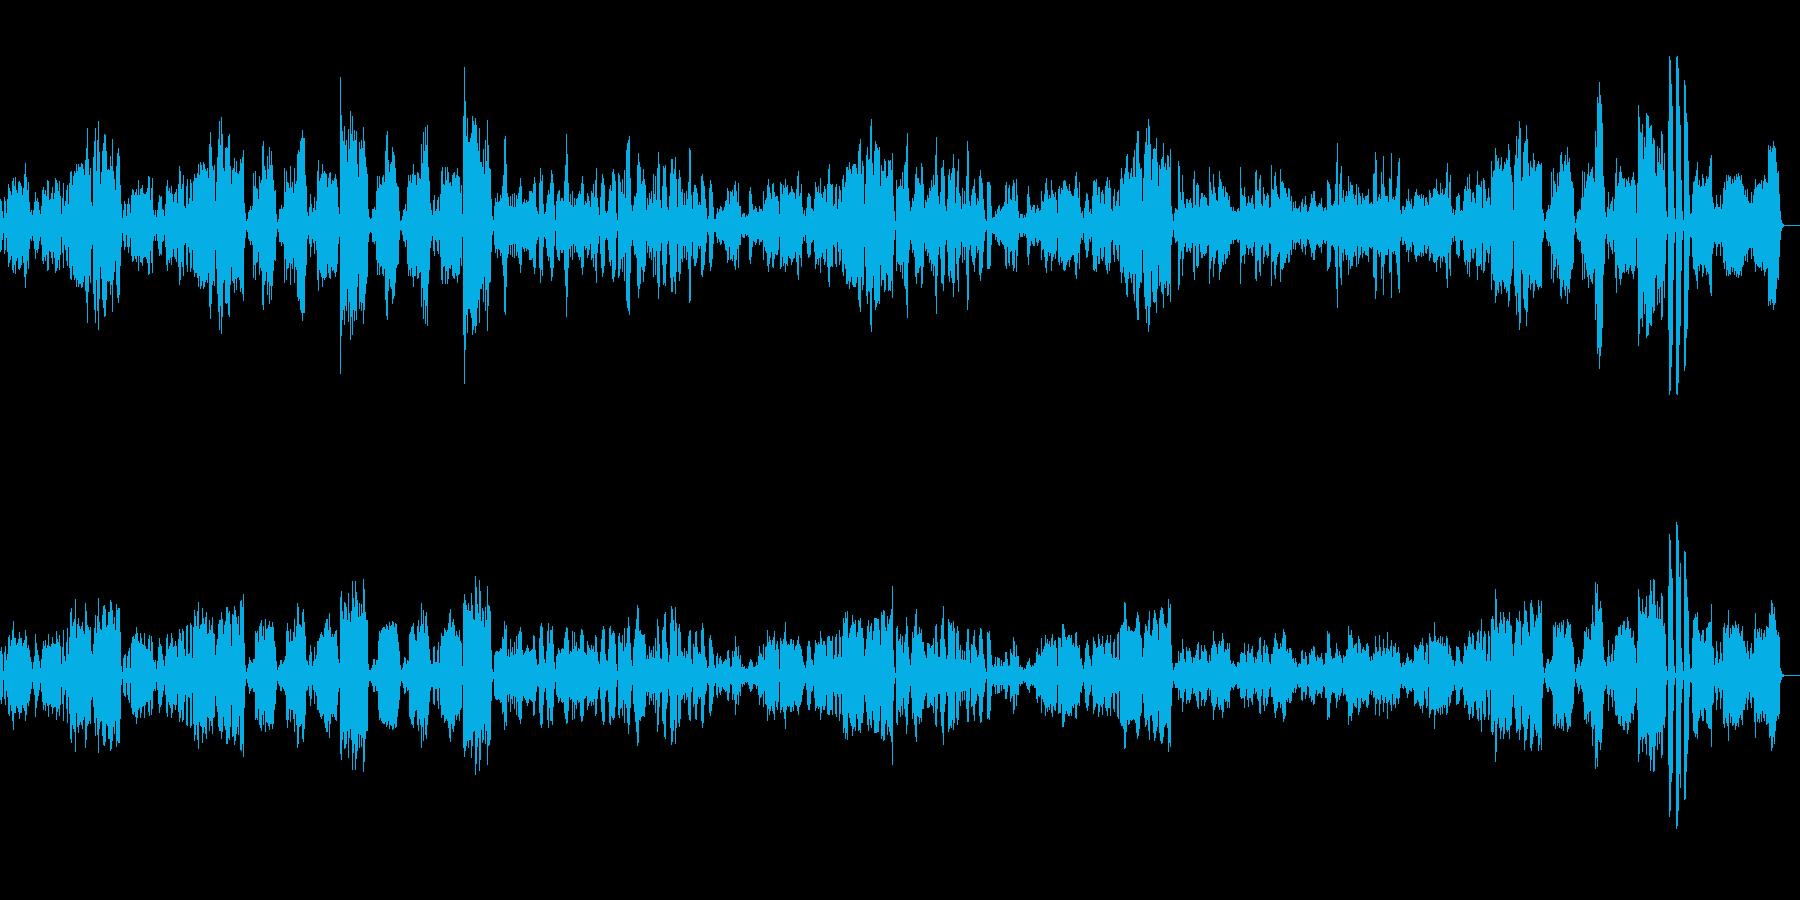 アイネクライネナハトムジーク 第2楽章の再生済みの波形